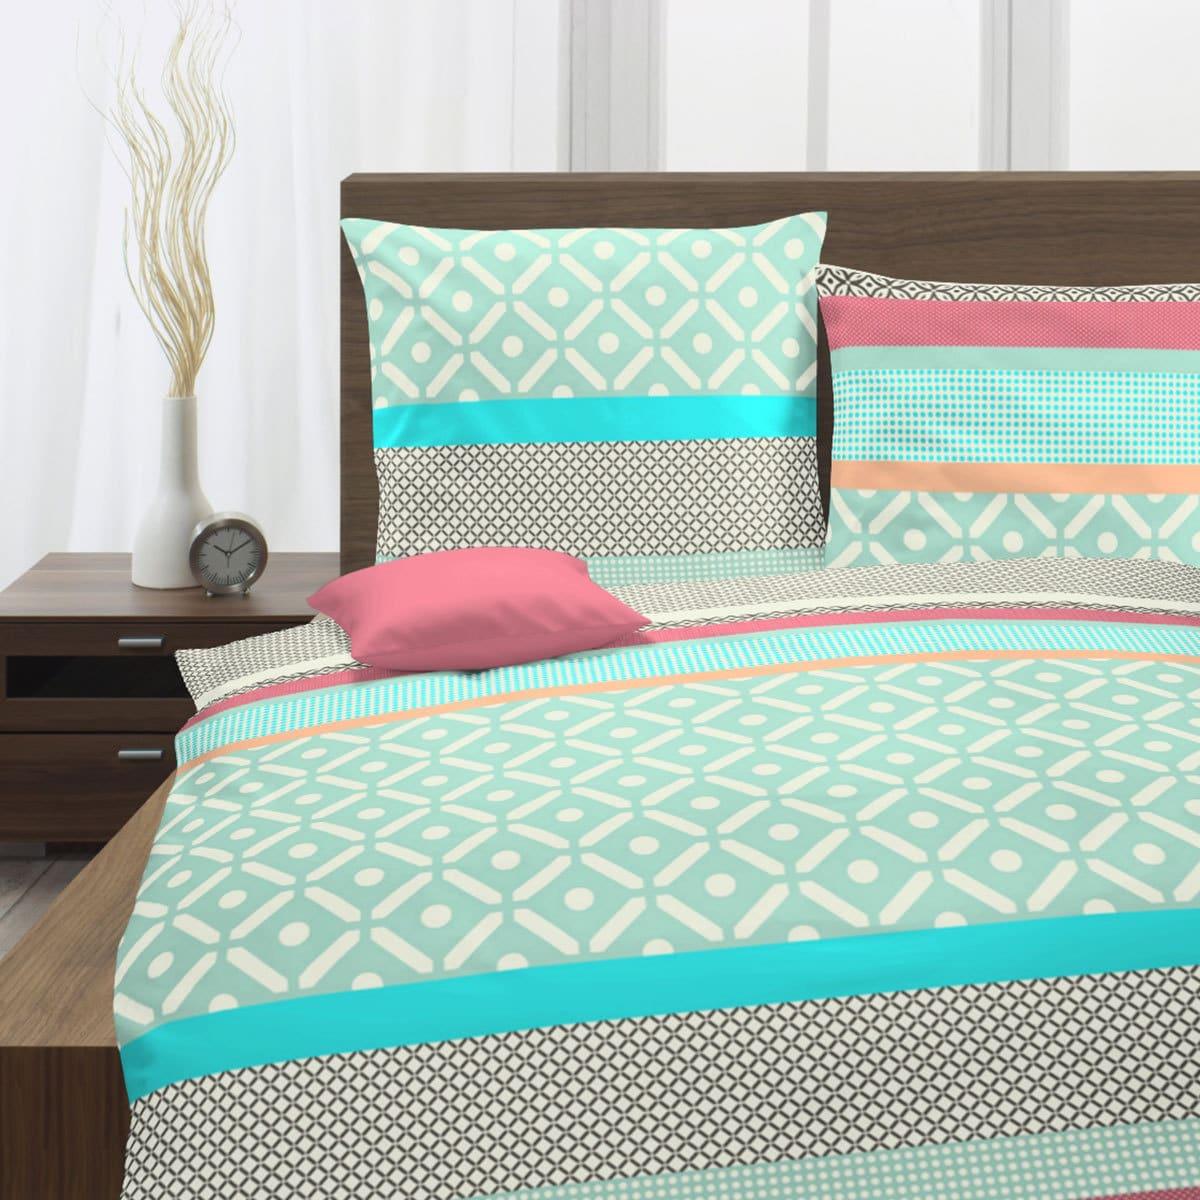 traumschlaf seersucker bettw sche summer t rkis g nstig online kaufen bei bettwaren shop. Black Bedroom Furniture Sets. Home Design Ideas